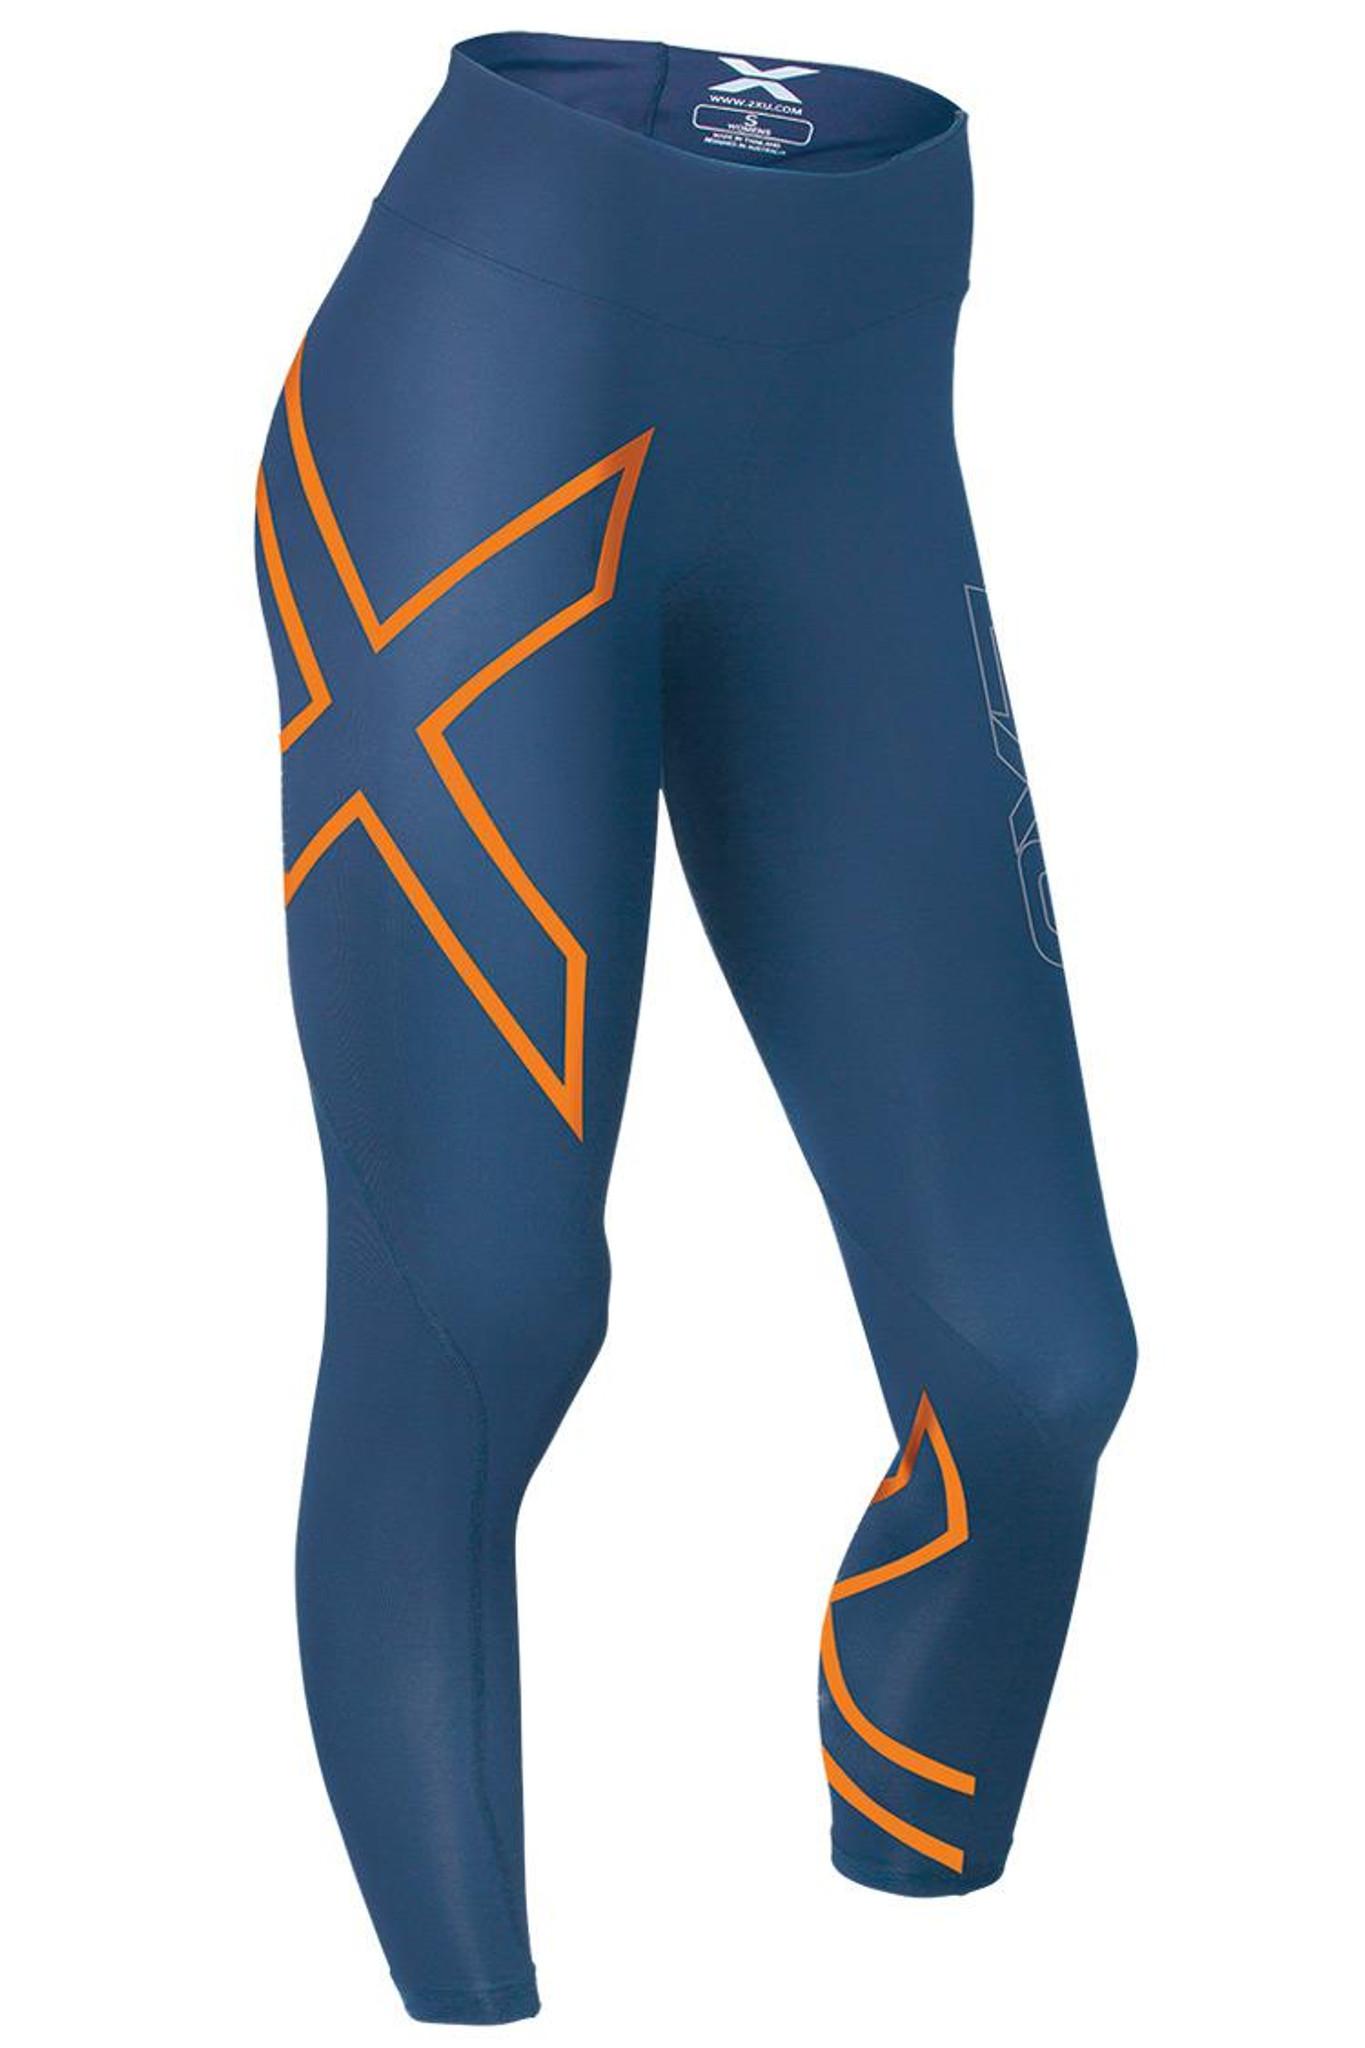 9956b709e8 2XU - Women's Mid Rise Compression Tights - Dark Blue/ Torch Orange